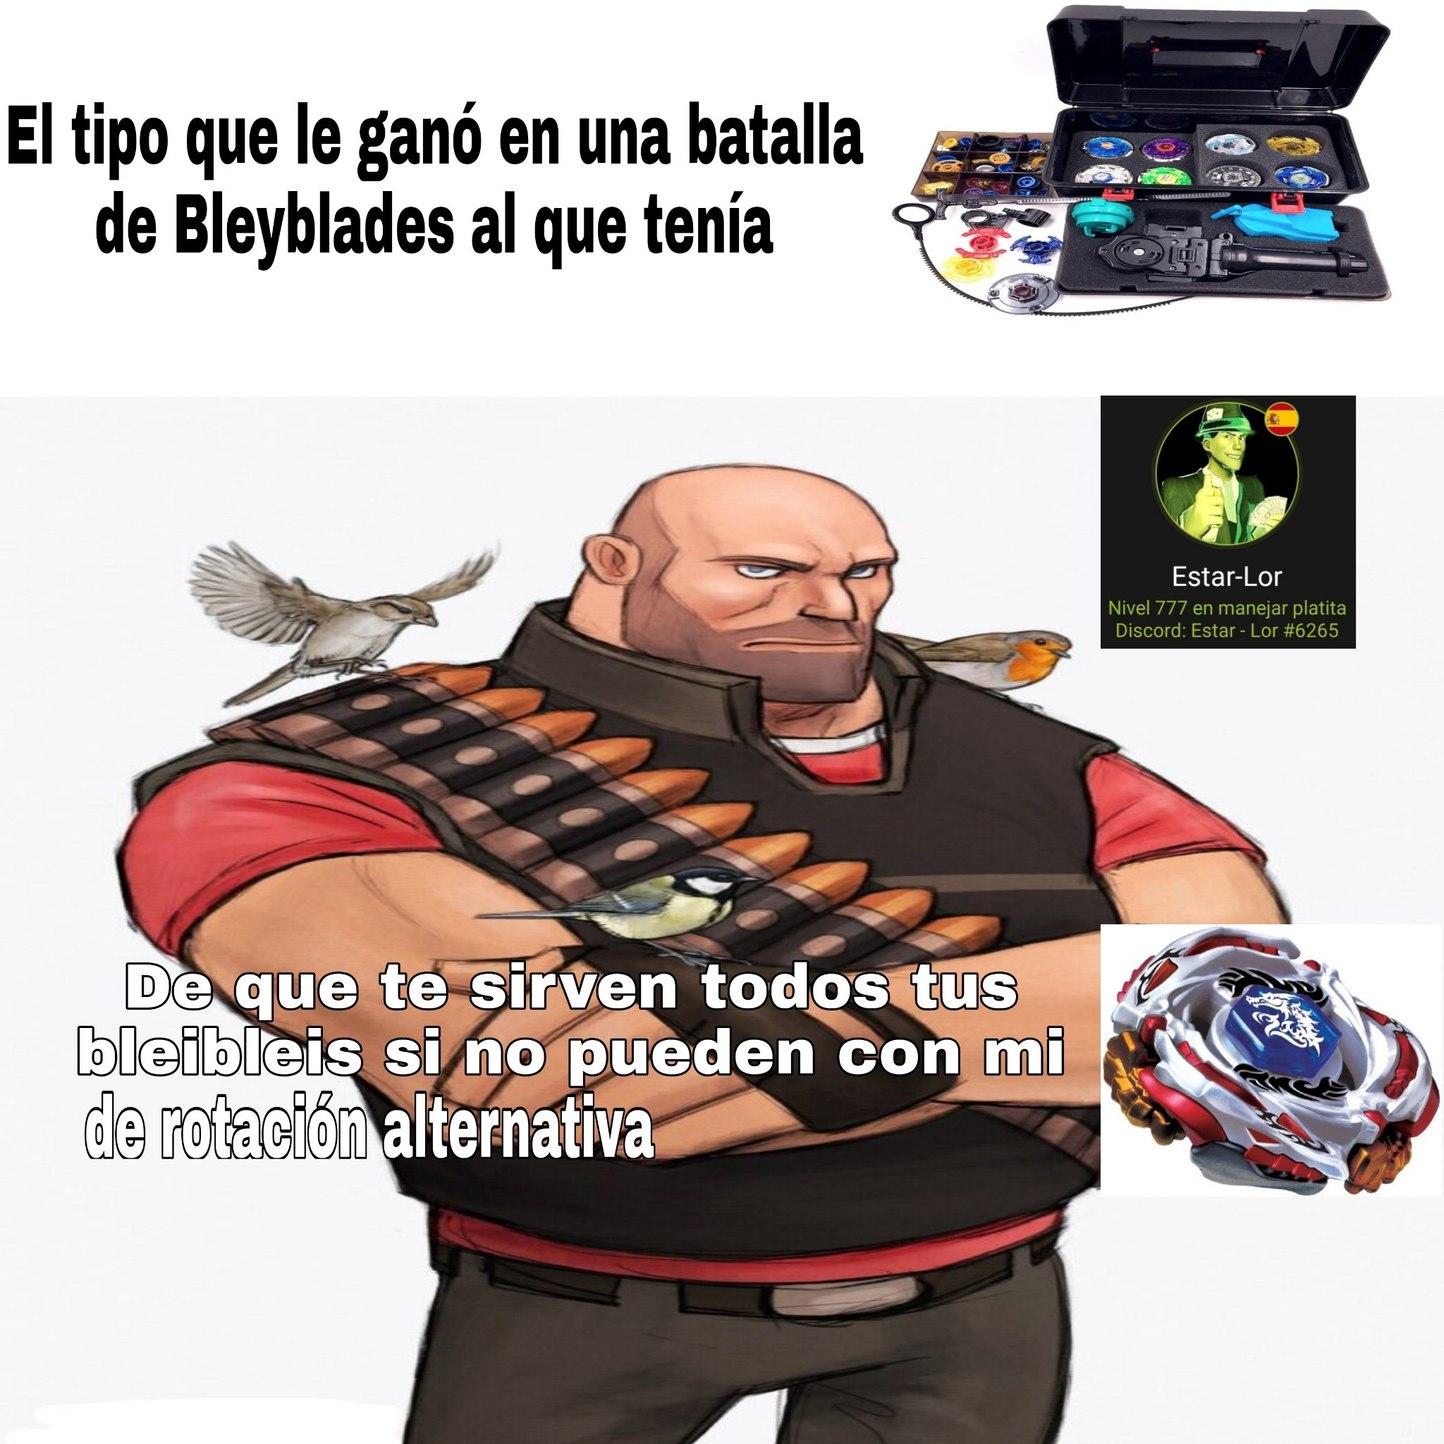 Bleyblade Bleyblade let it rip! - meme